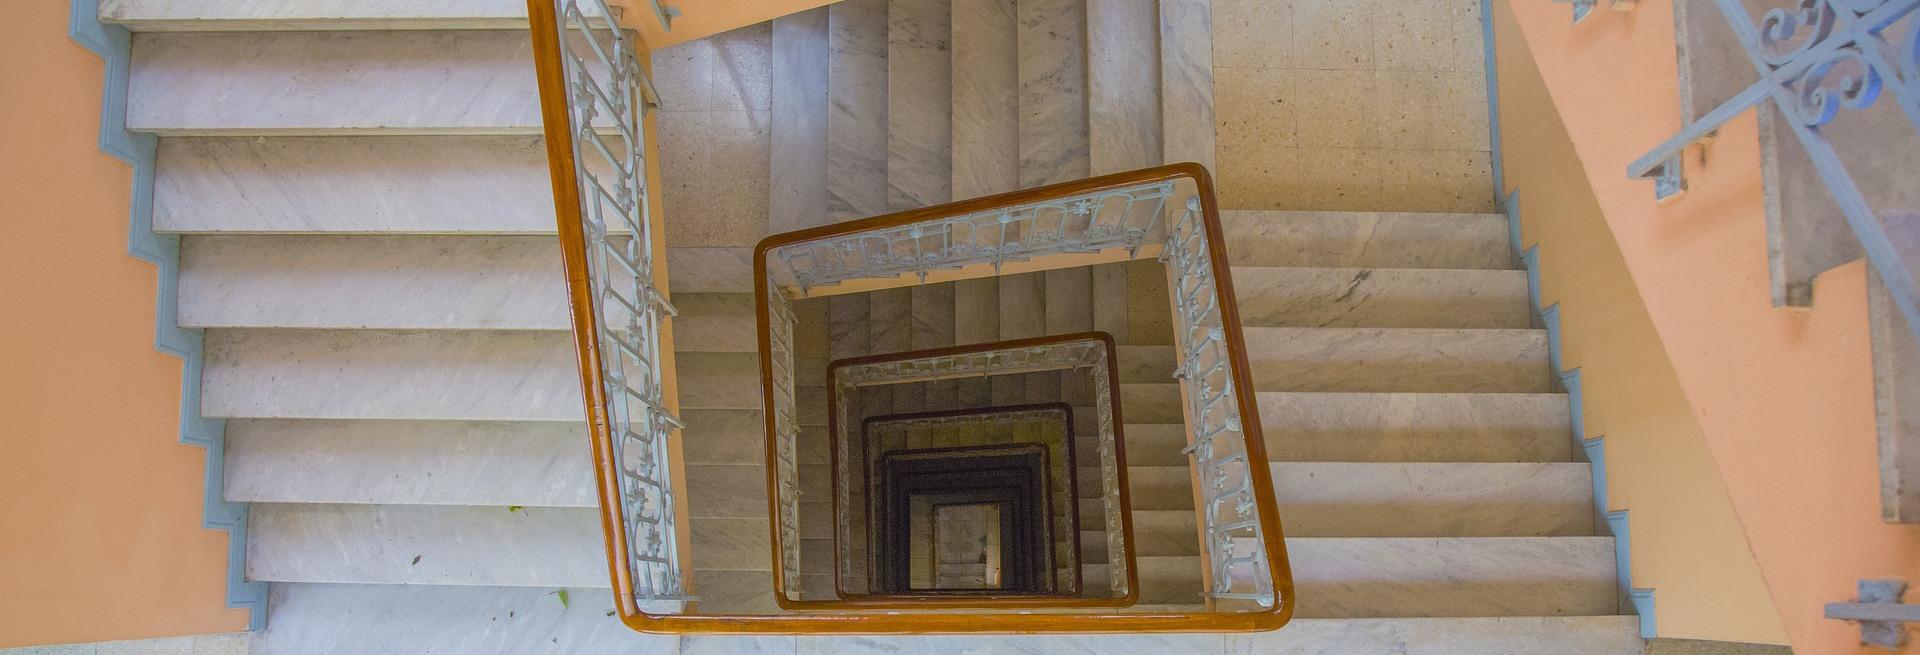 hueco escaleras